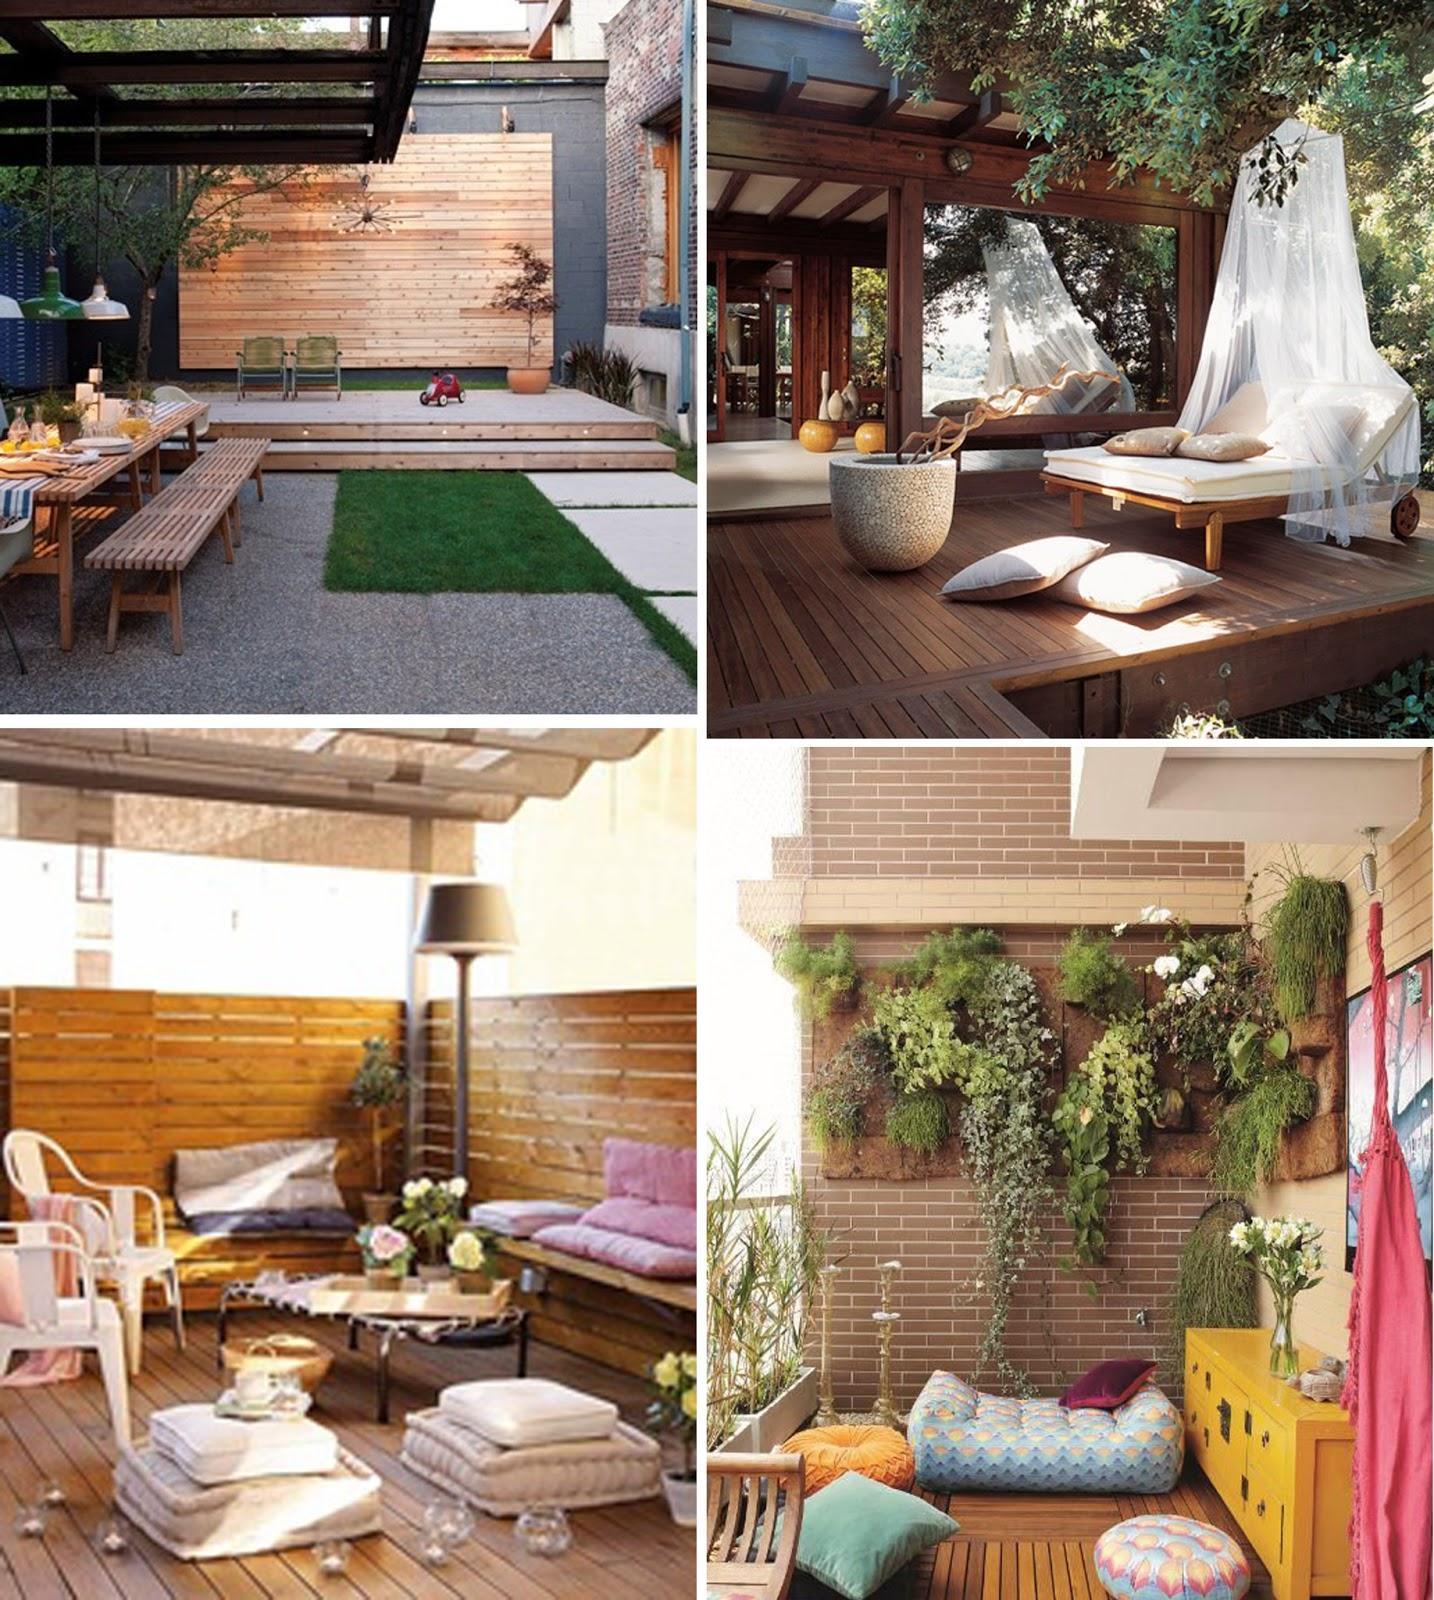 decoraci n jardines y terrazas paperblog On terraza y decoracion de jardin